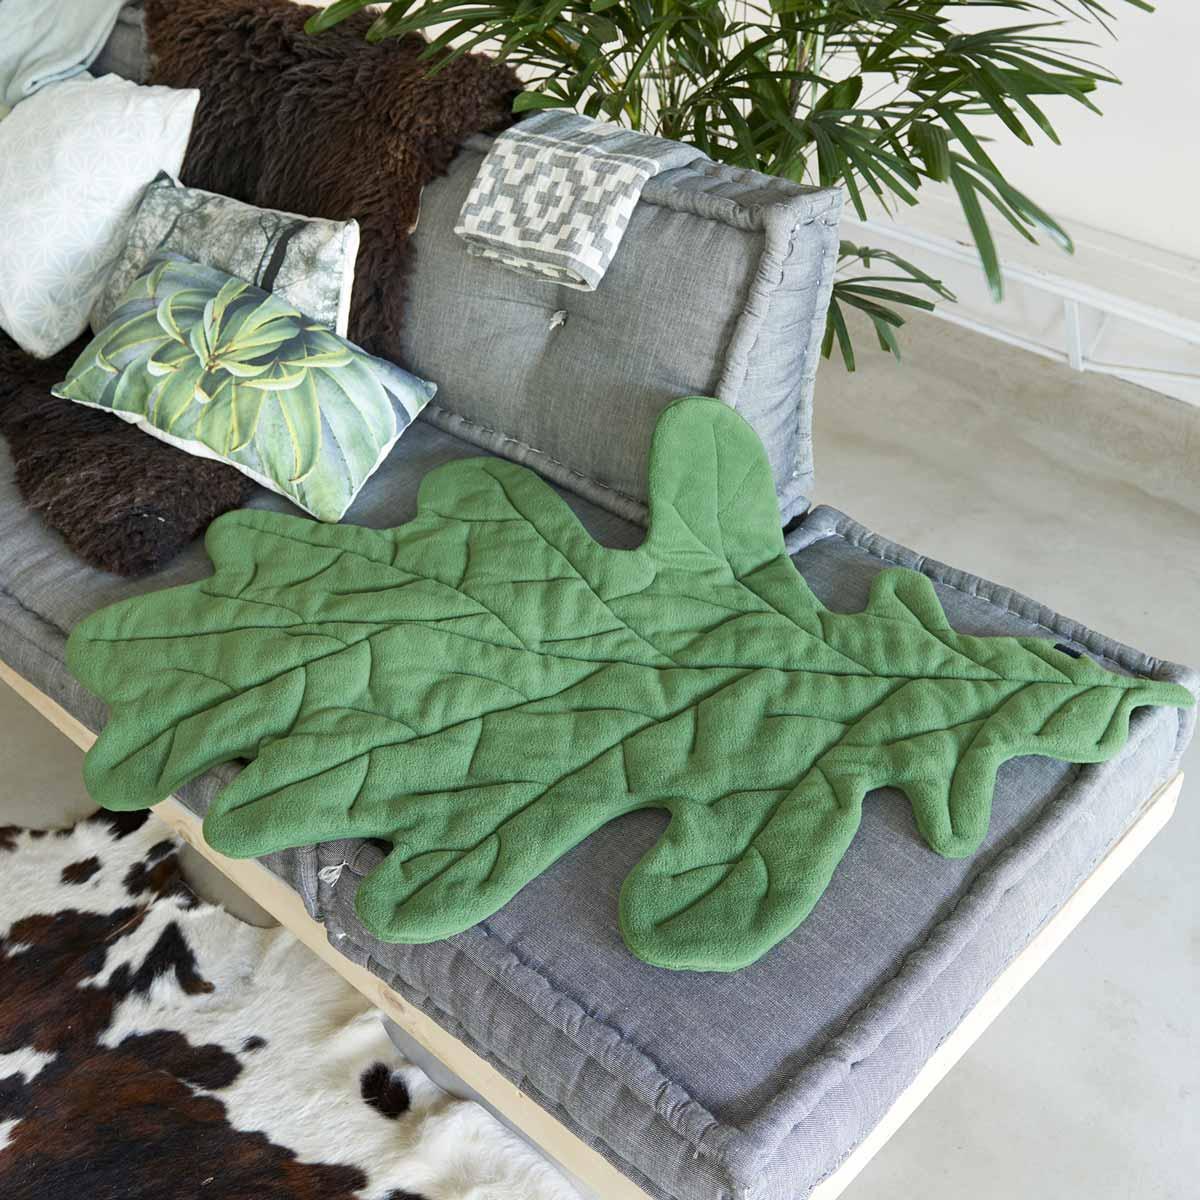 Leaf it decoración natural, alfombras mantas en forma de hoja